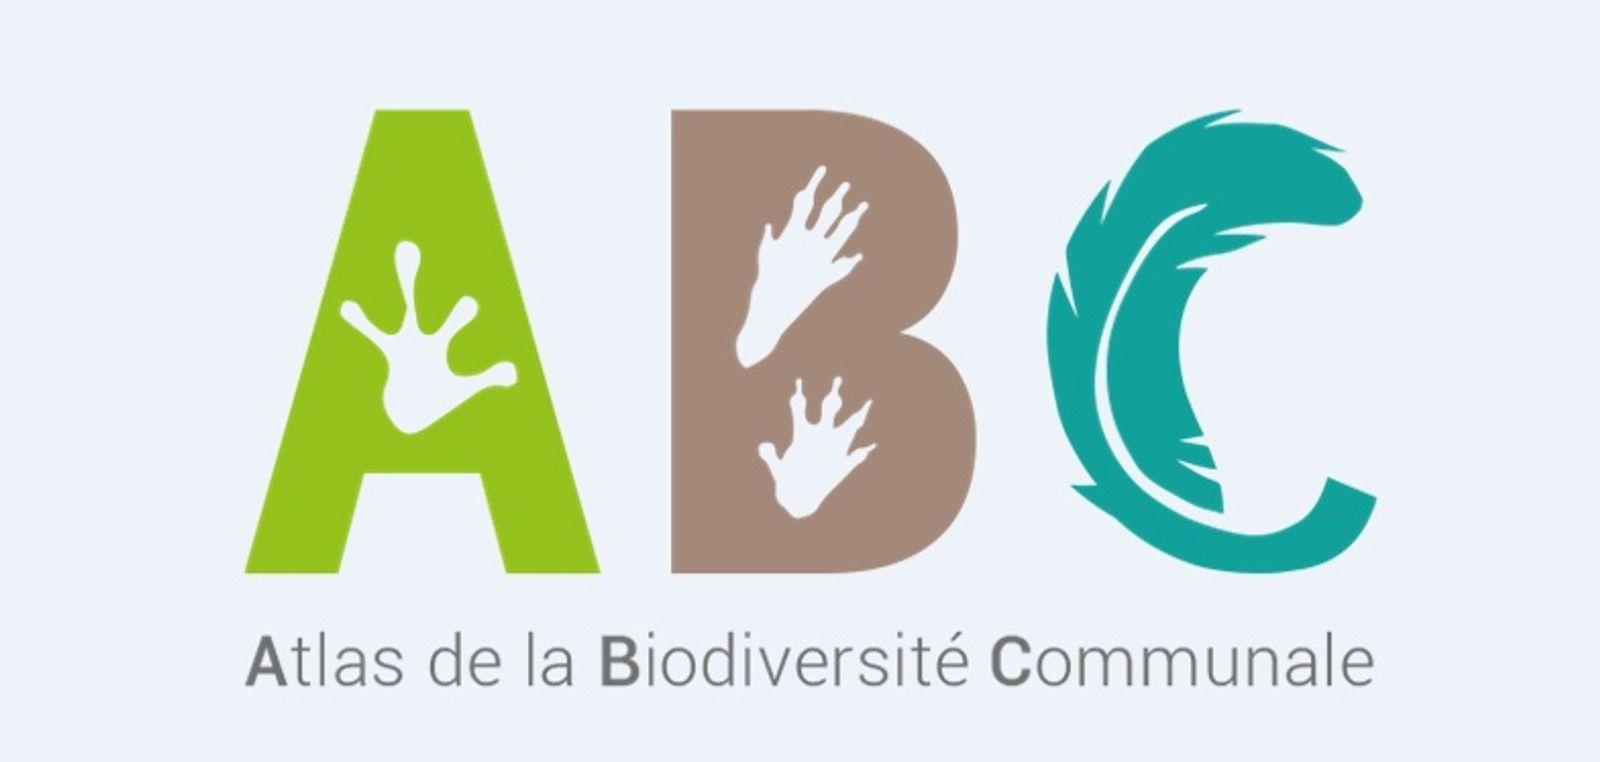 Élaborer un Atlas de la Biodiversité Communale (ABC) : retours d'expérience de deux communes bretonnes